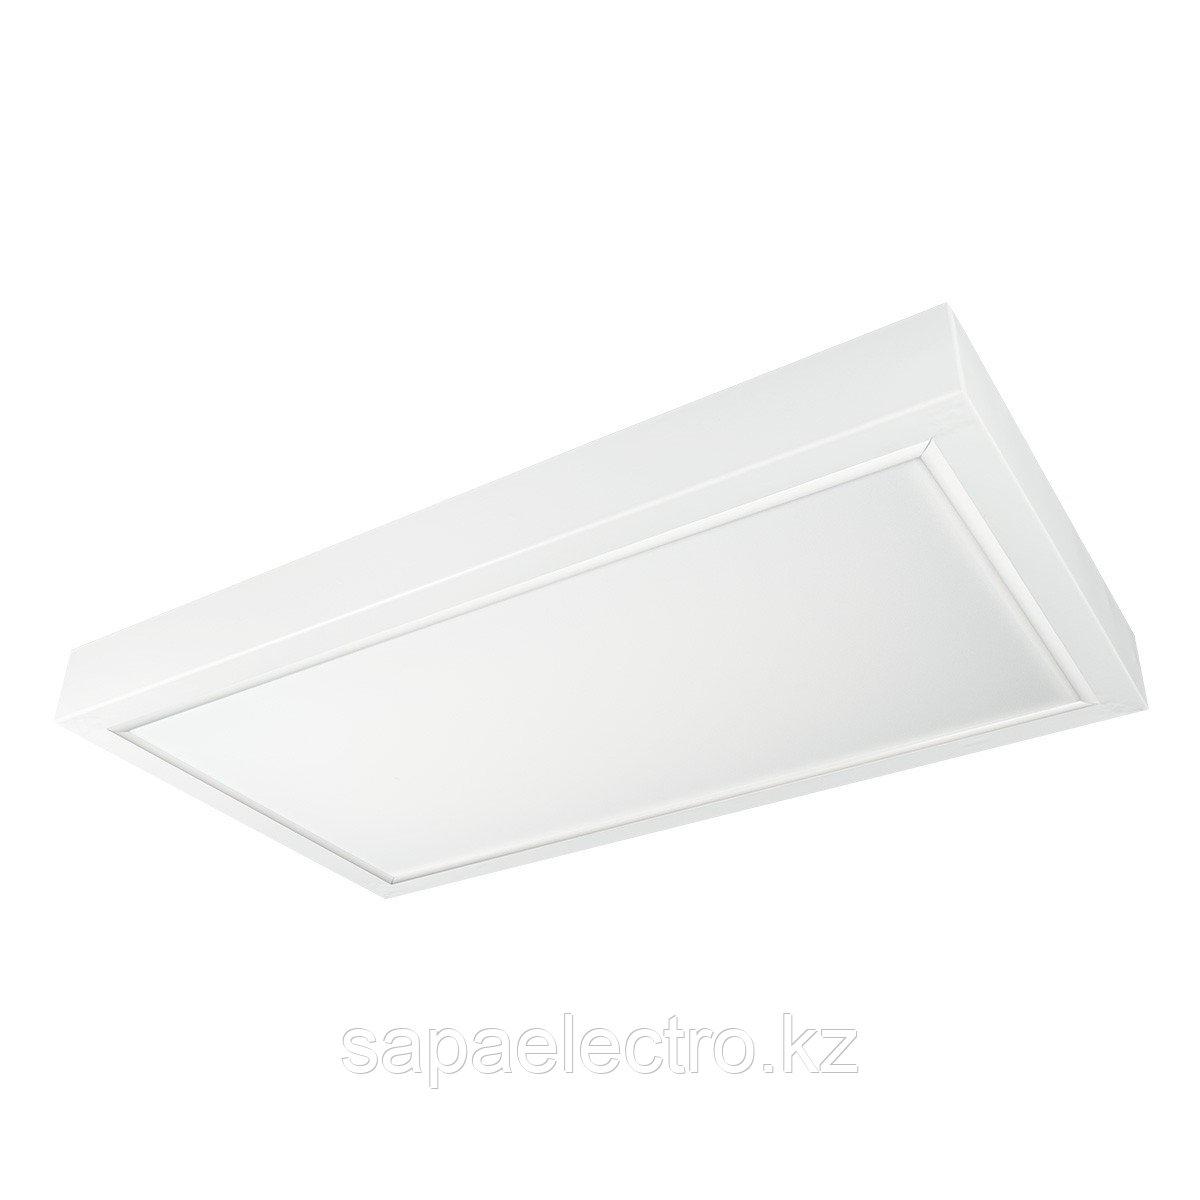 Св LEDTUBE  2x9W/ 60см OPAL MODERNAнакл(с лампой)MG